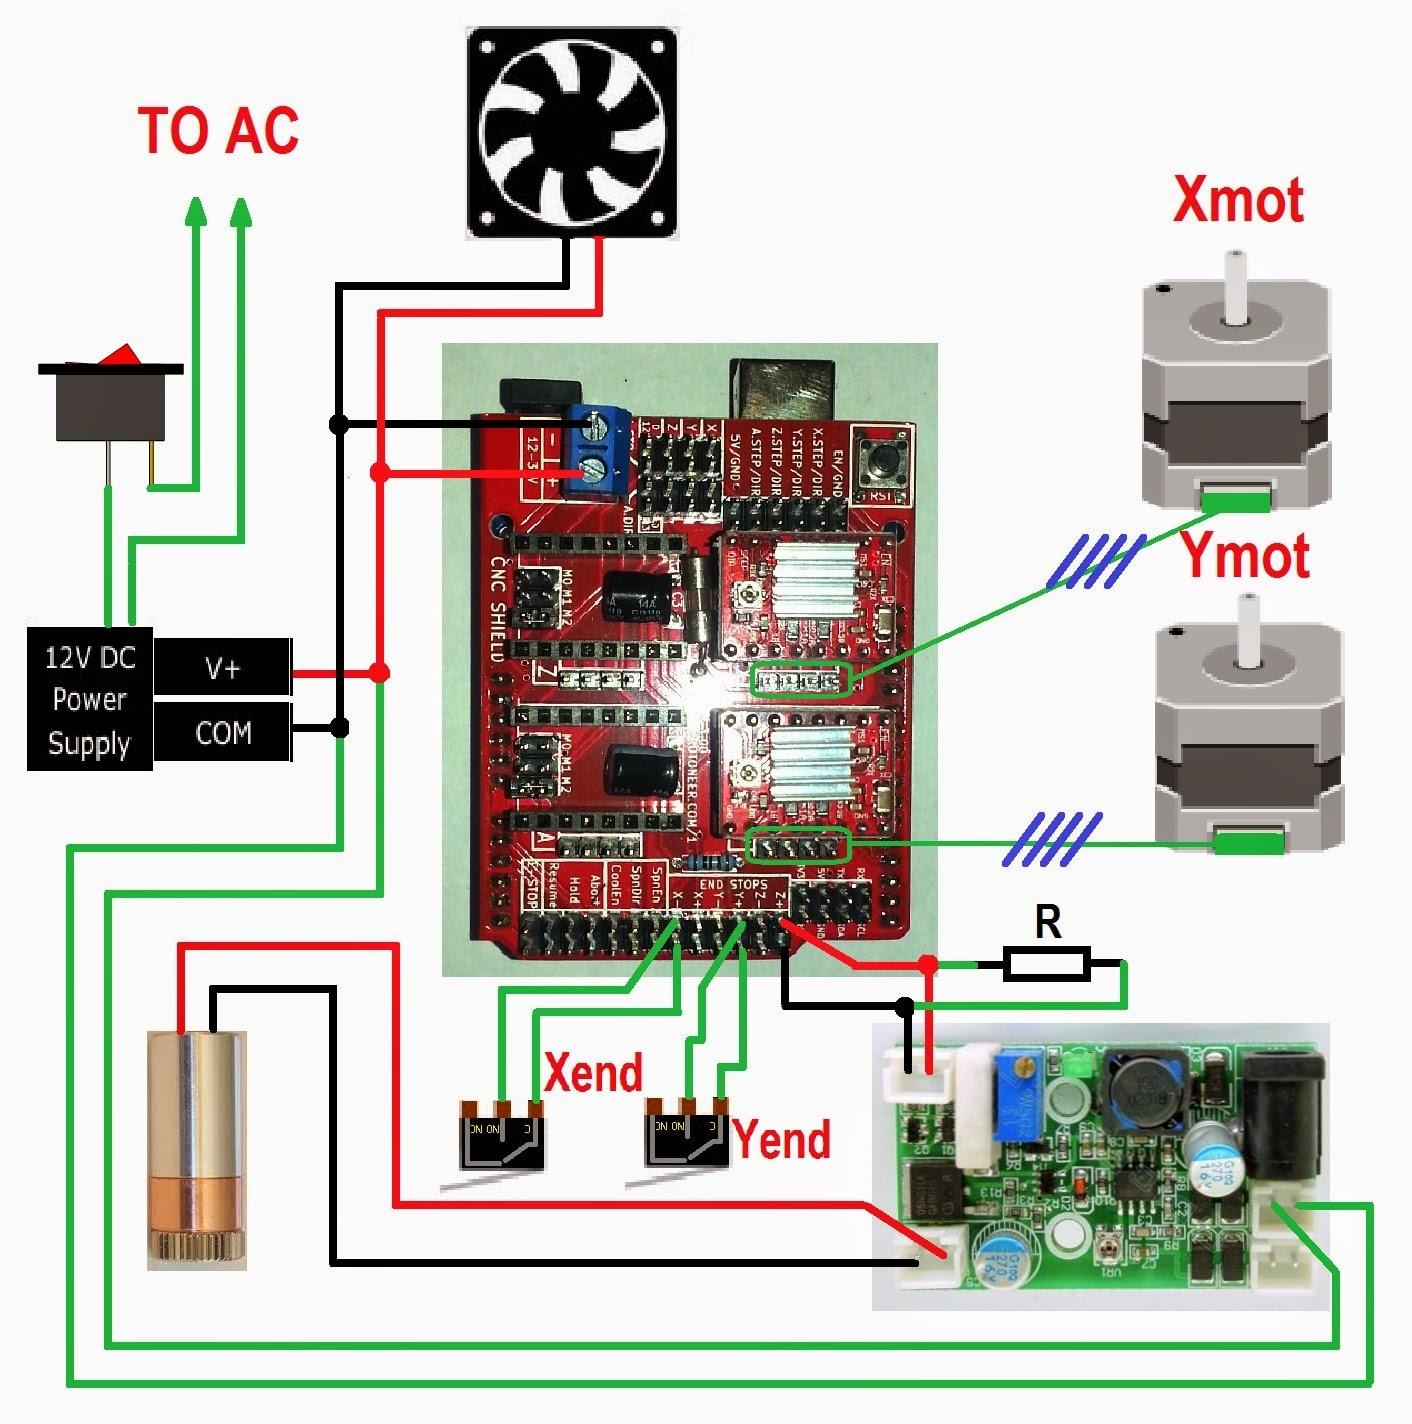 Схема подключения cnc shield v3.0 + arduino uno + TTl и лазер